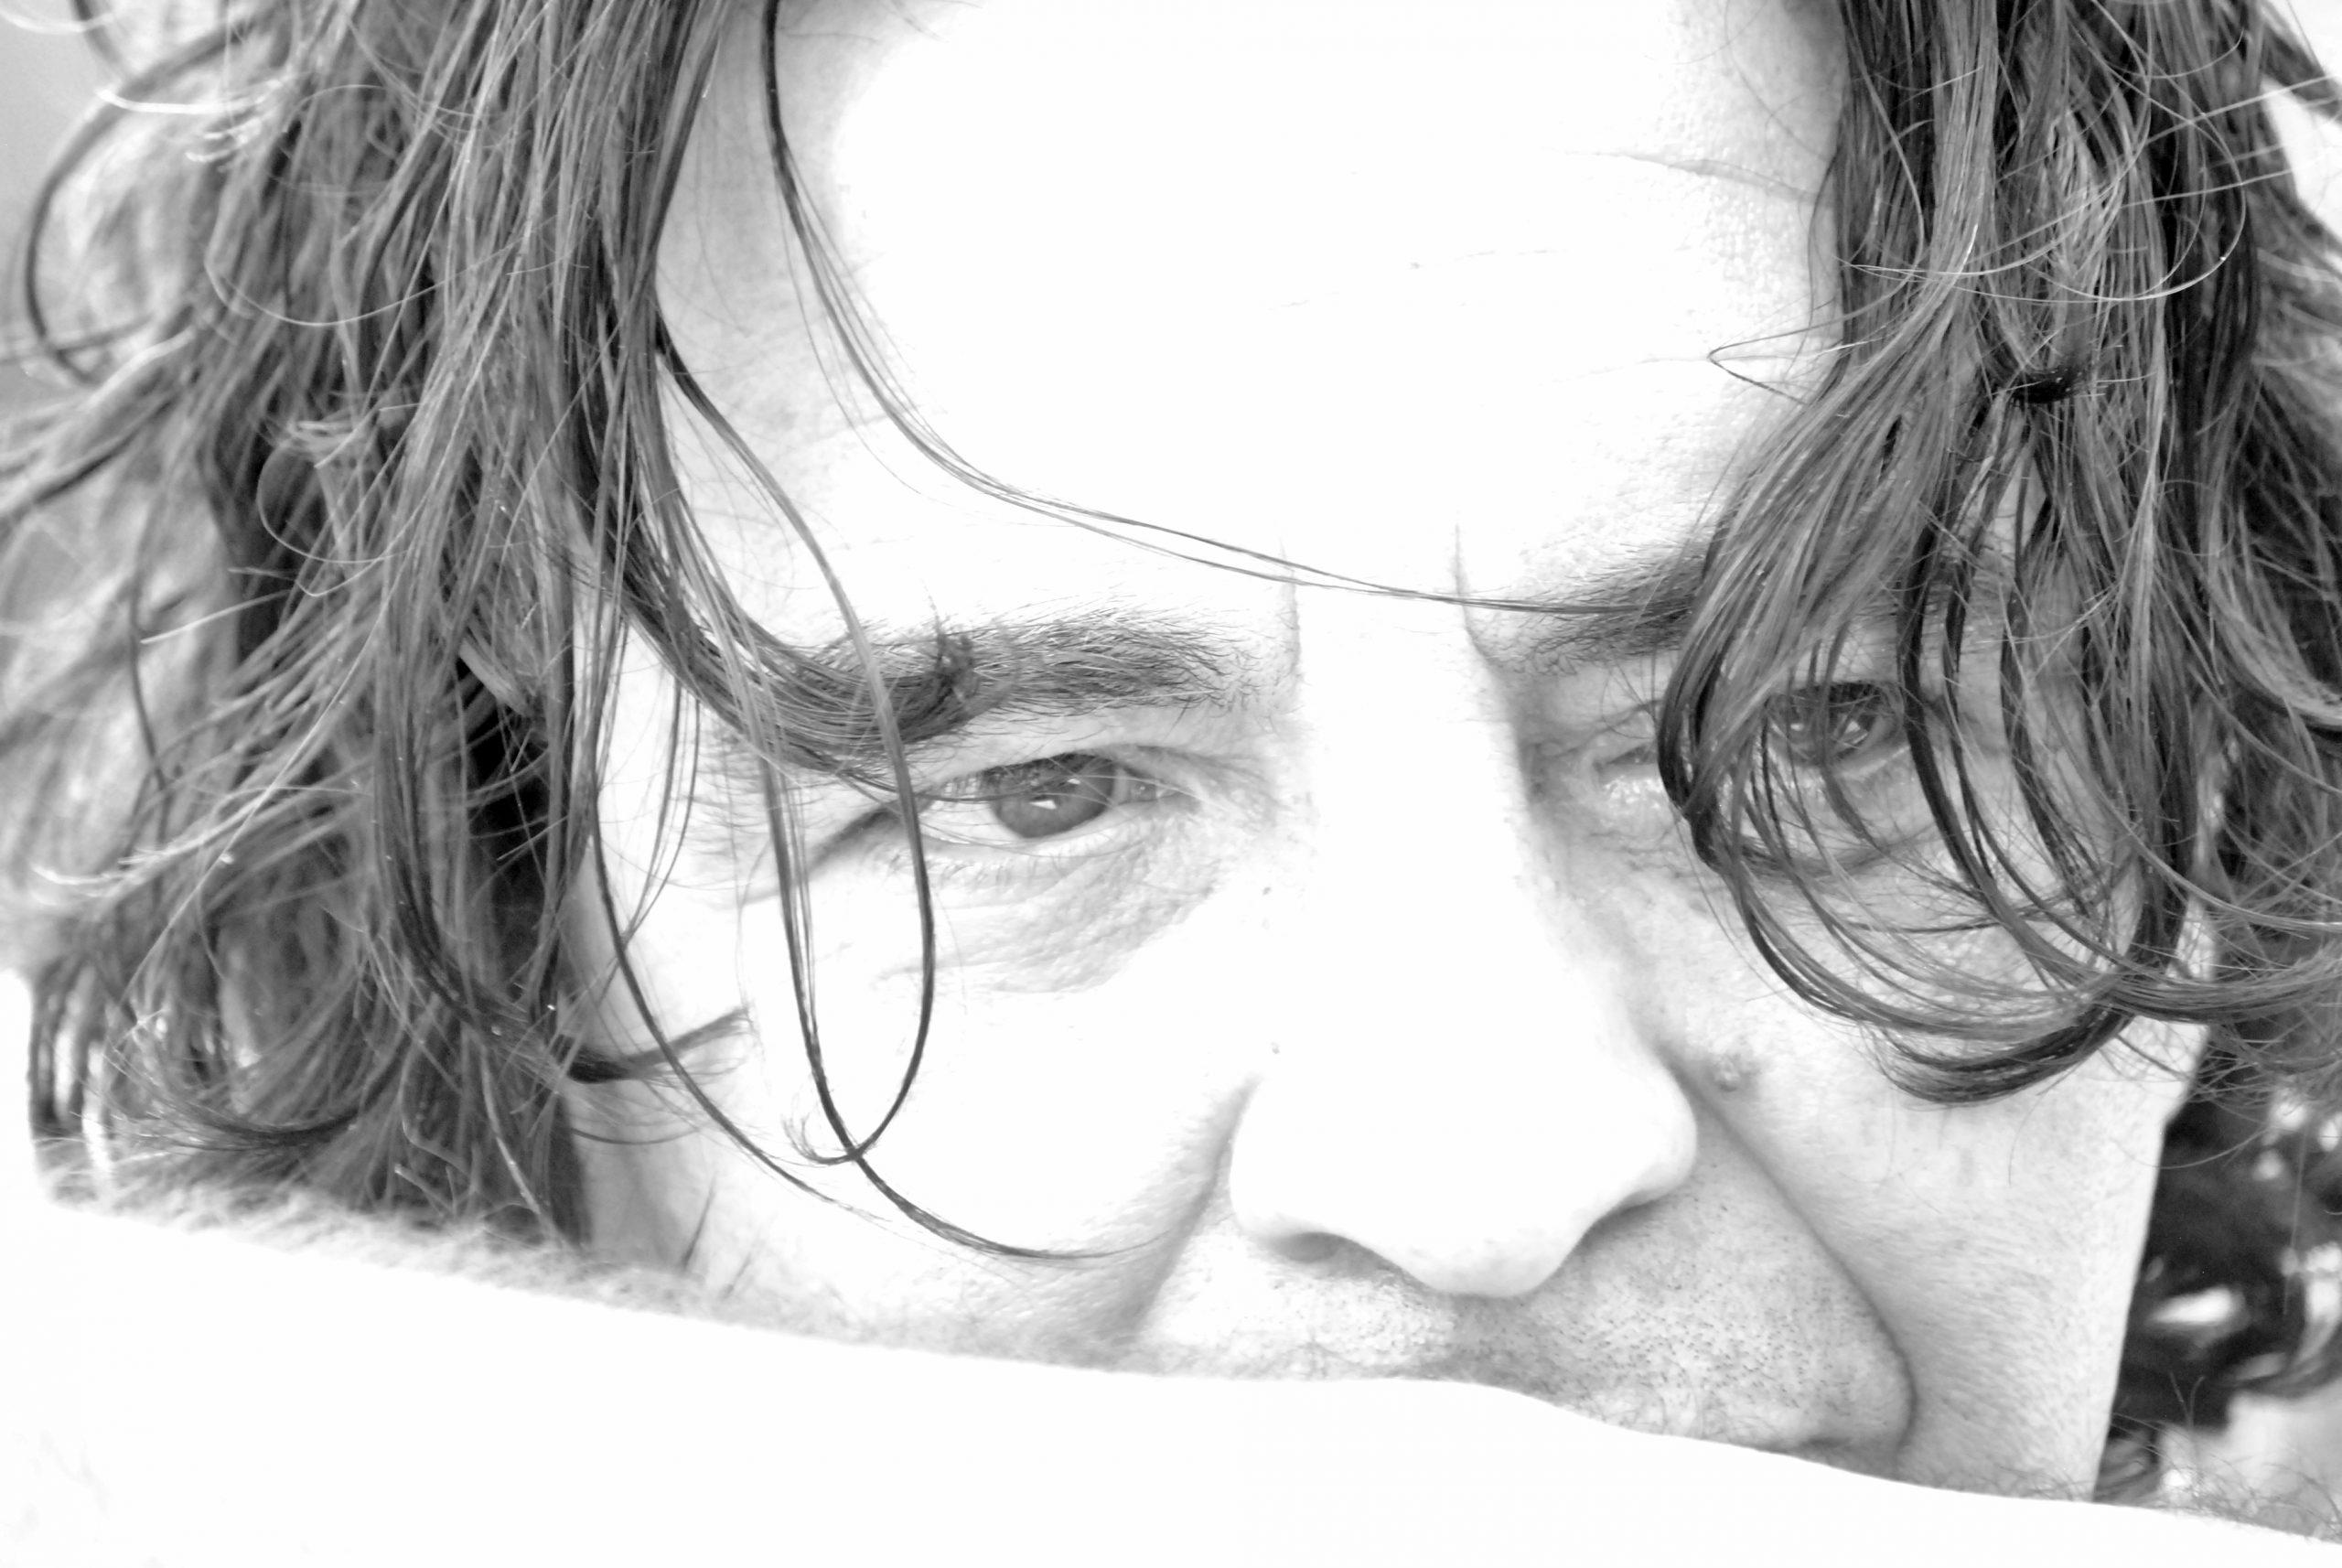 Giuseppe Wochicevick cctm poesia bacio italia latino america a noi piace leggere